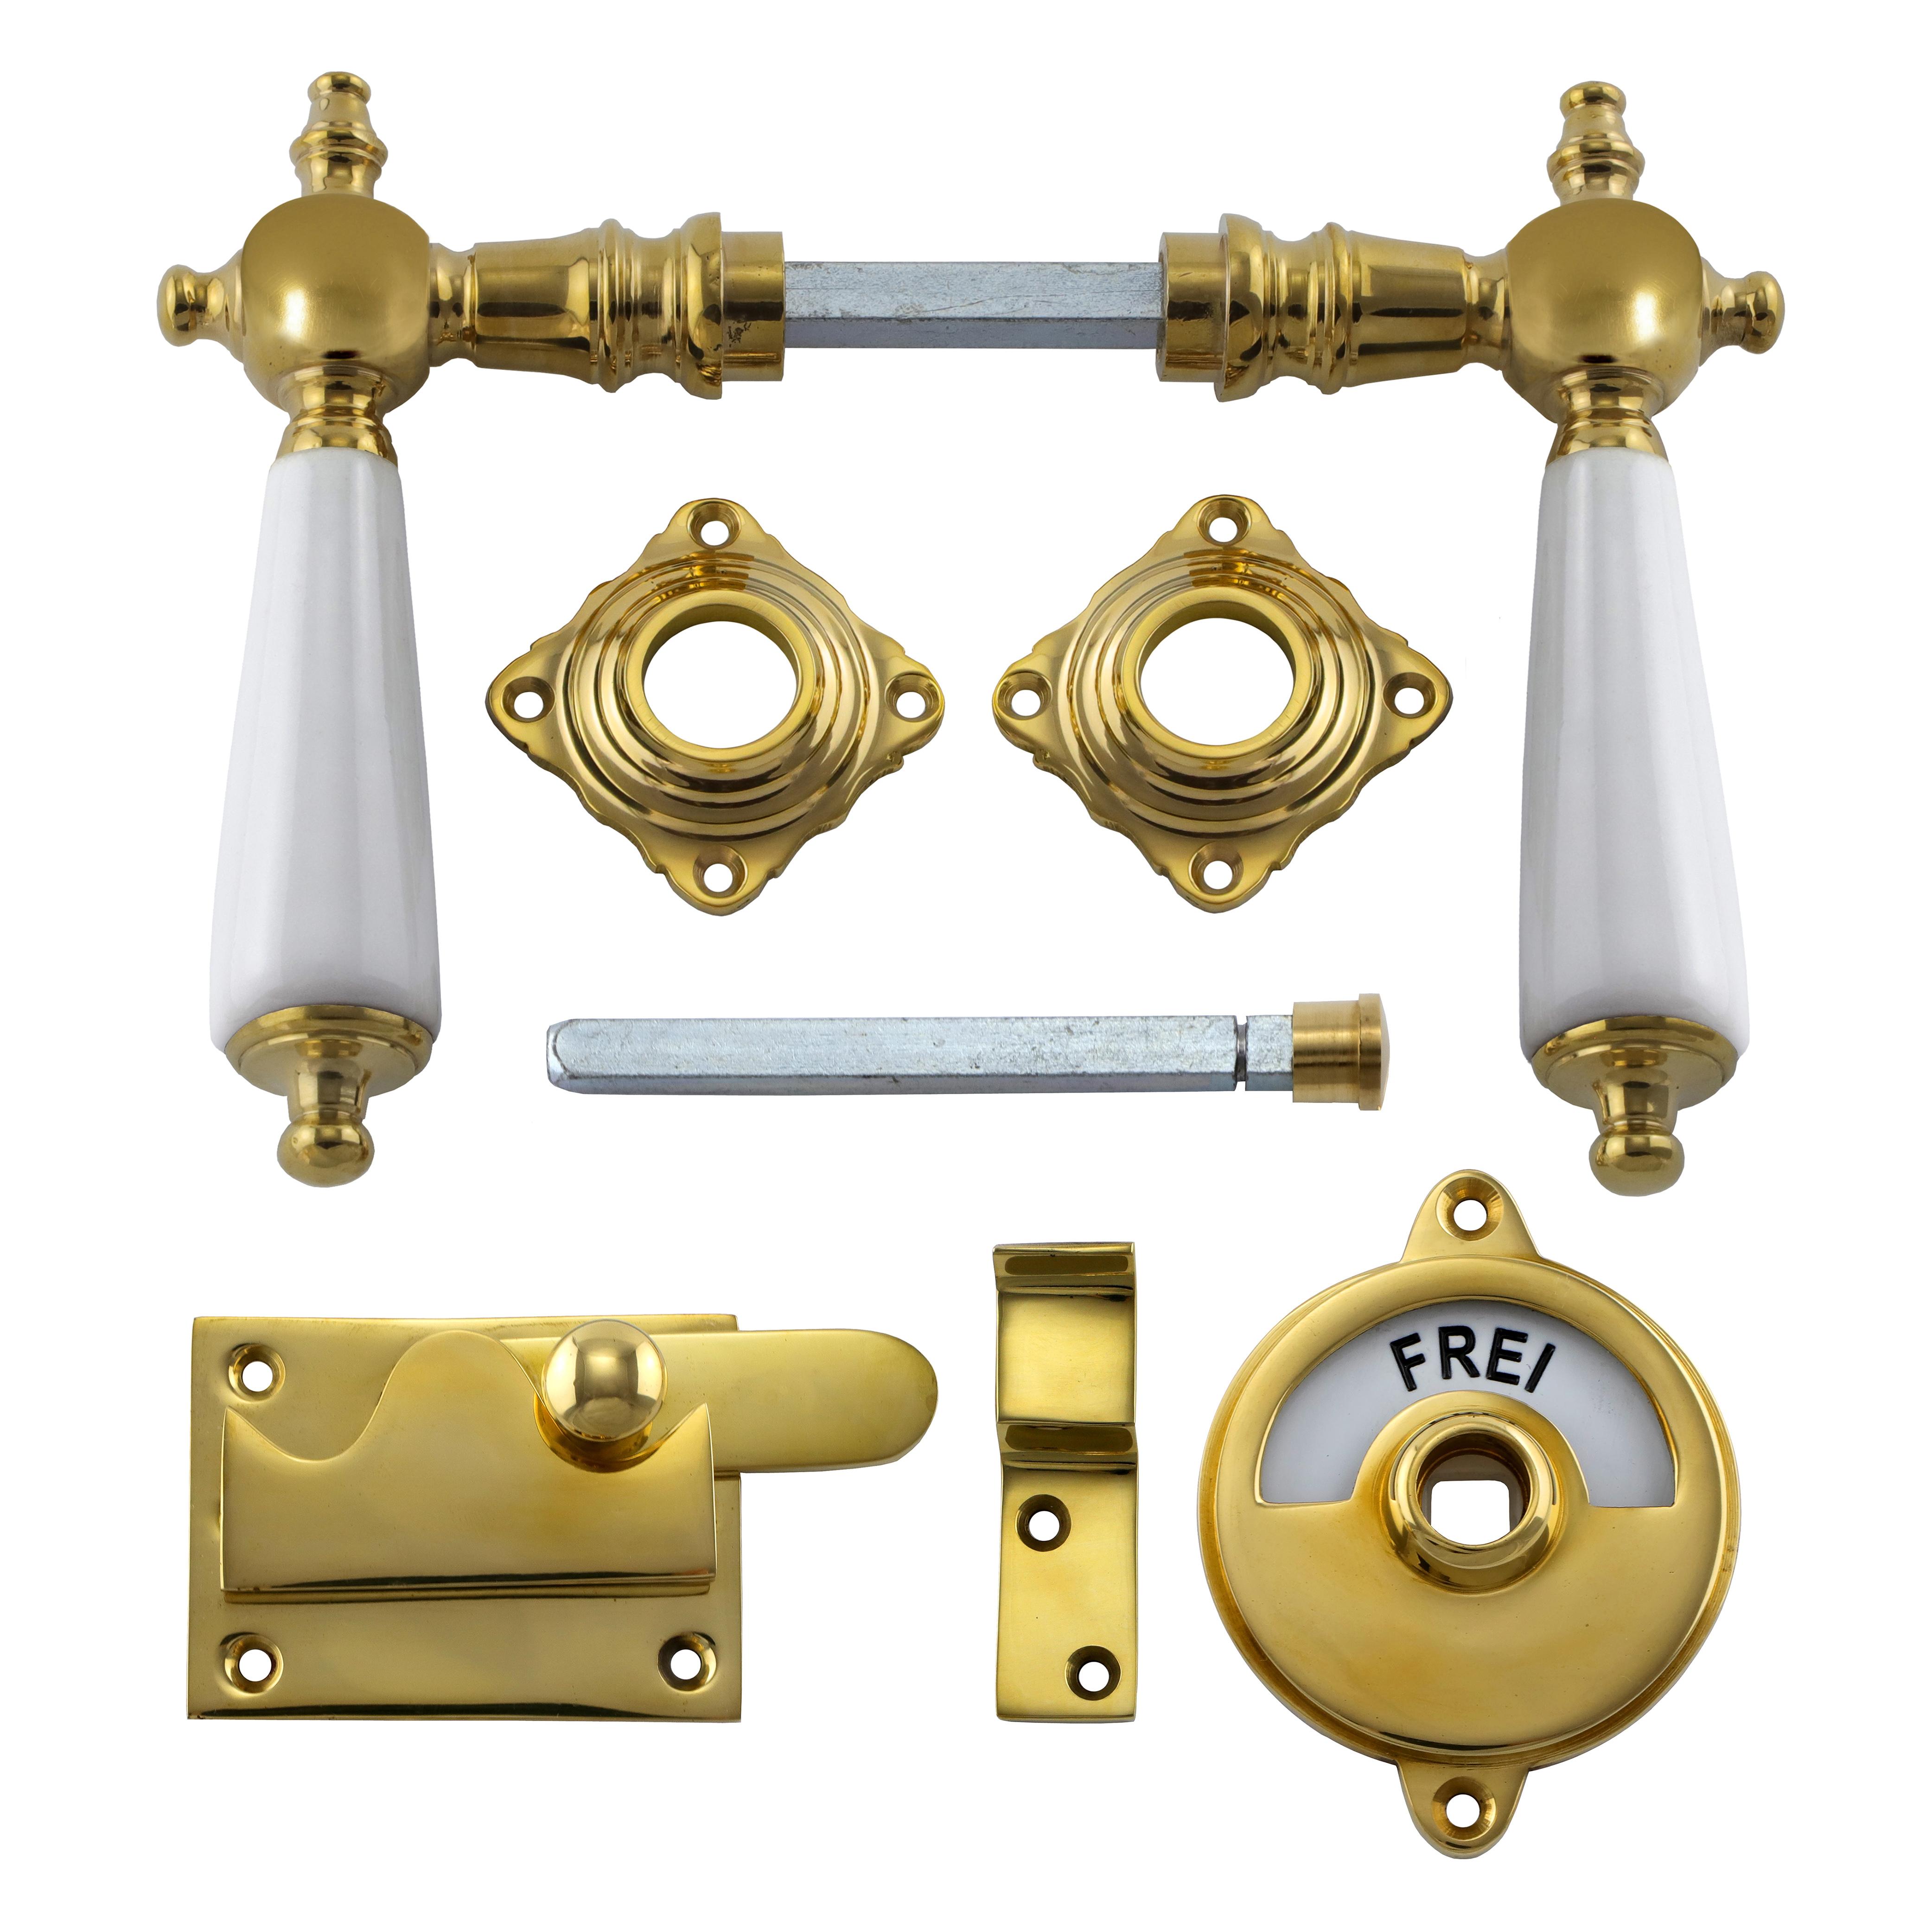 341.0011.35 WC-Türbeschlag / Riegel gerade / Verschluss mit Anzeige Messing poliert